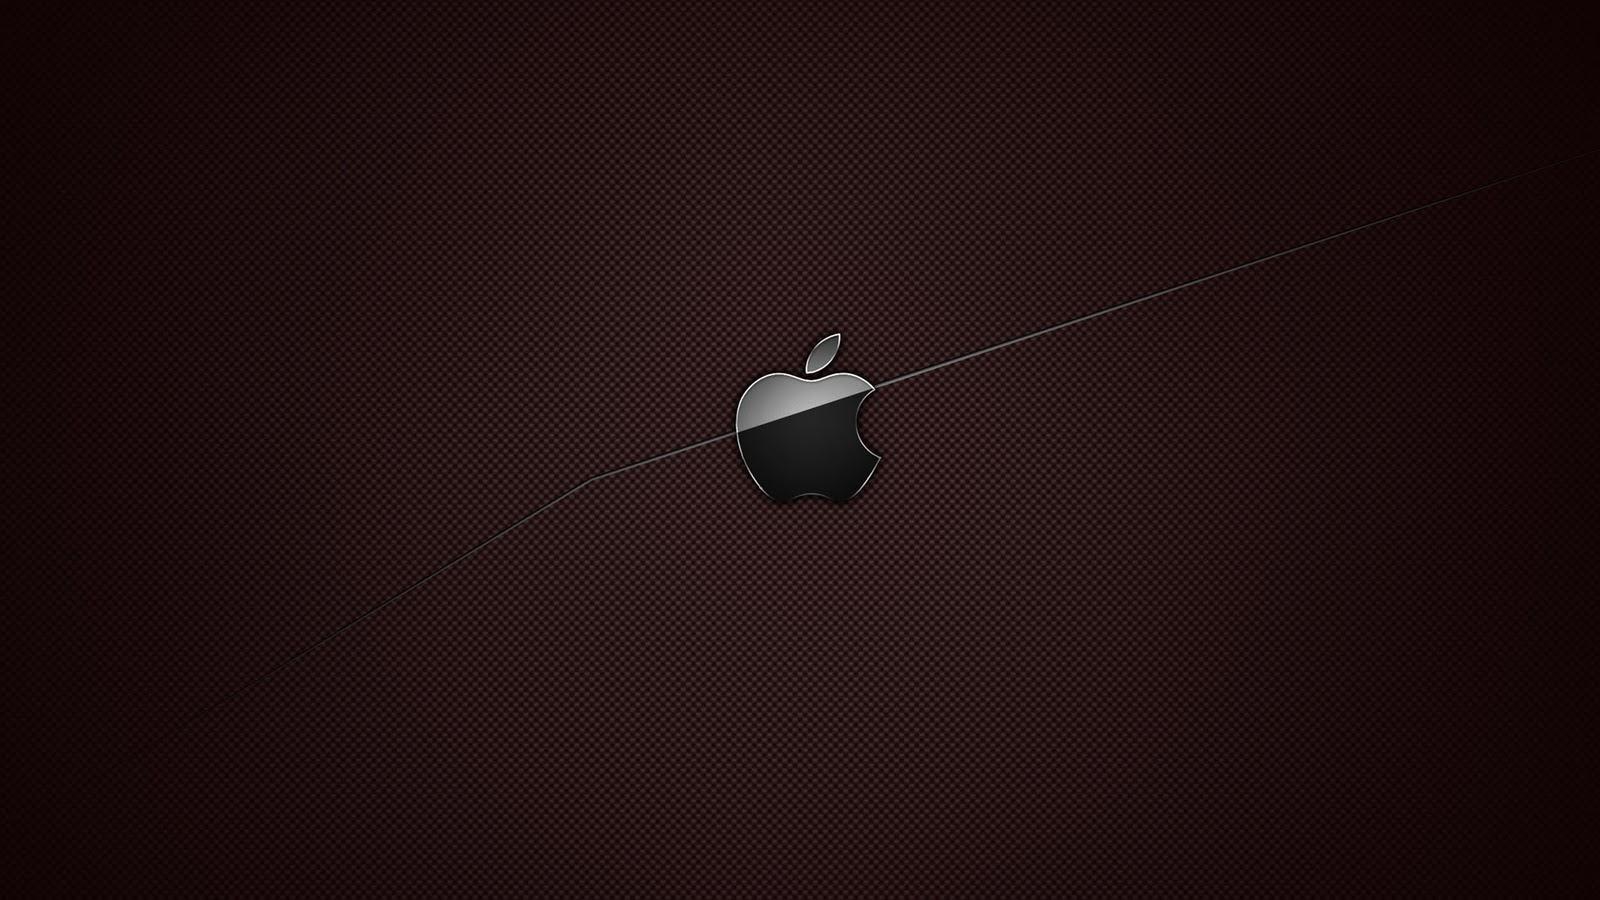 animated wallpaper for mac wallpapersafari